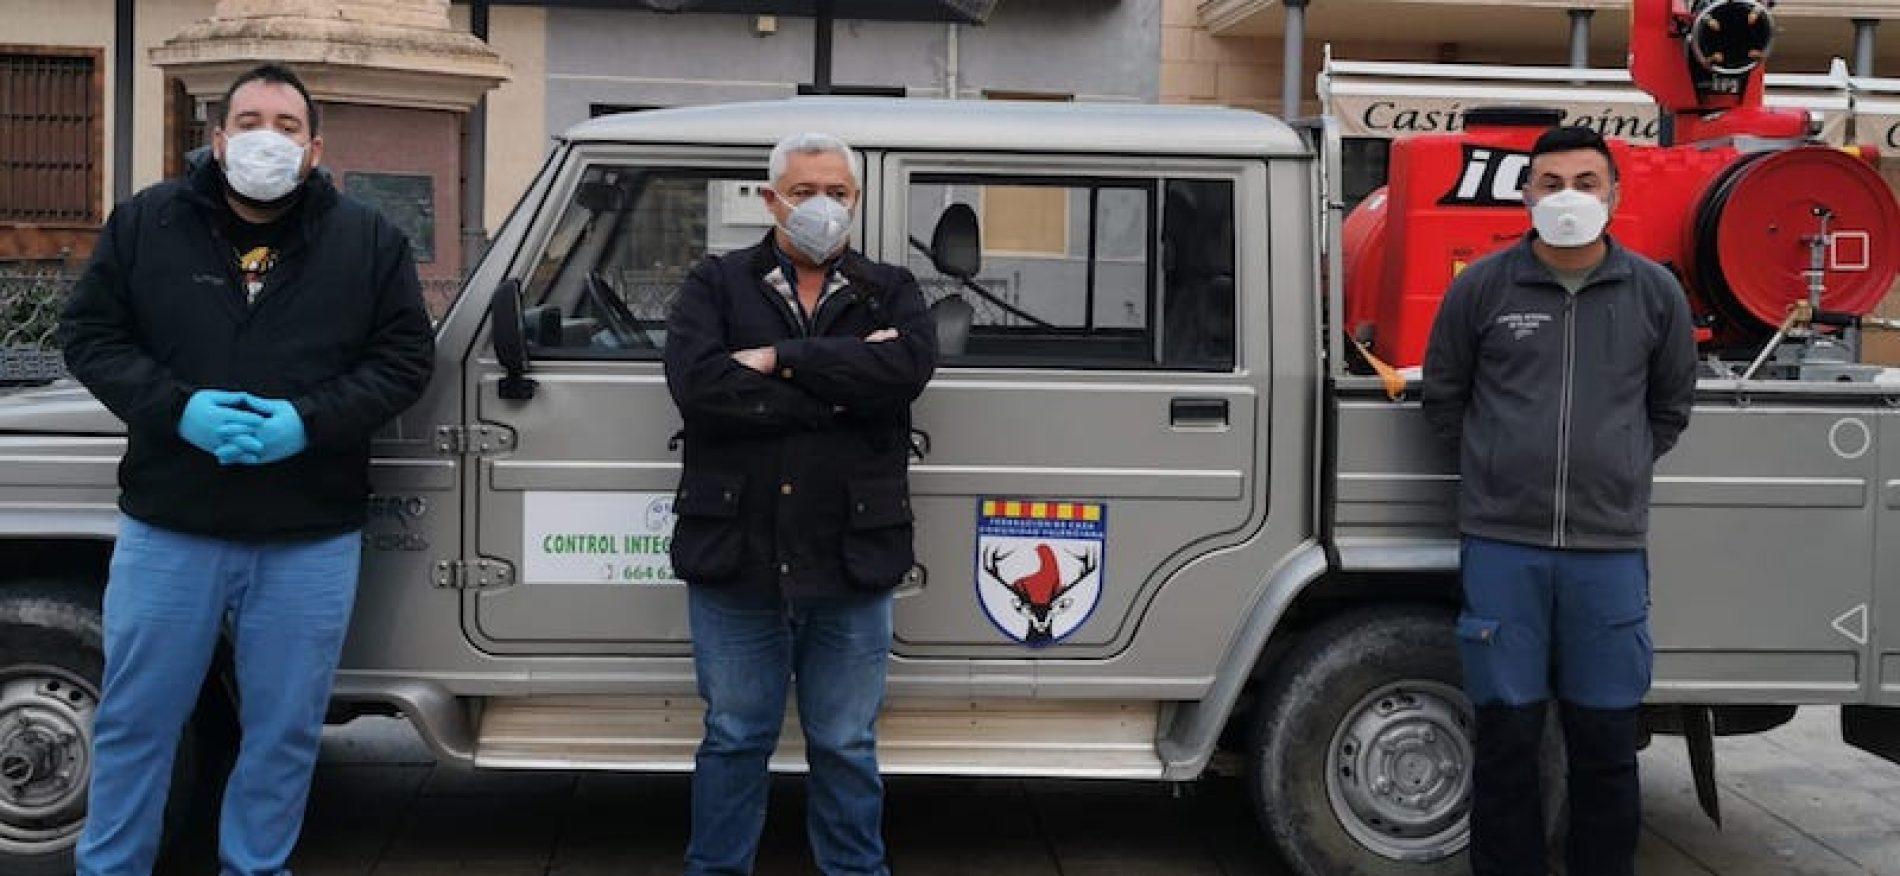 La Federación de Caza de la Comunidad Valenciana realiza las primeras tareas de desinfección contra el COVID-19